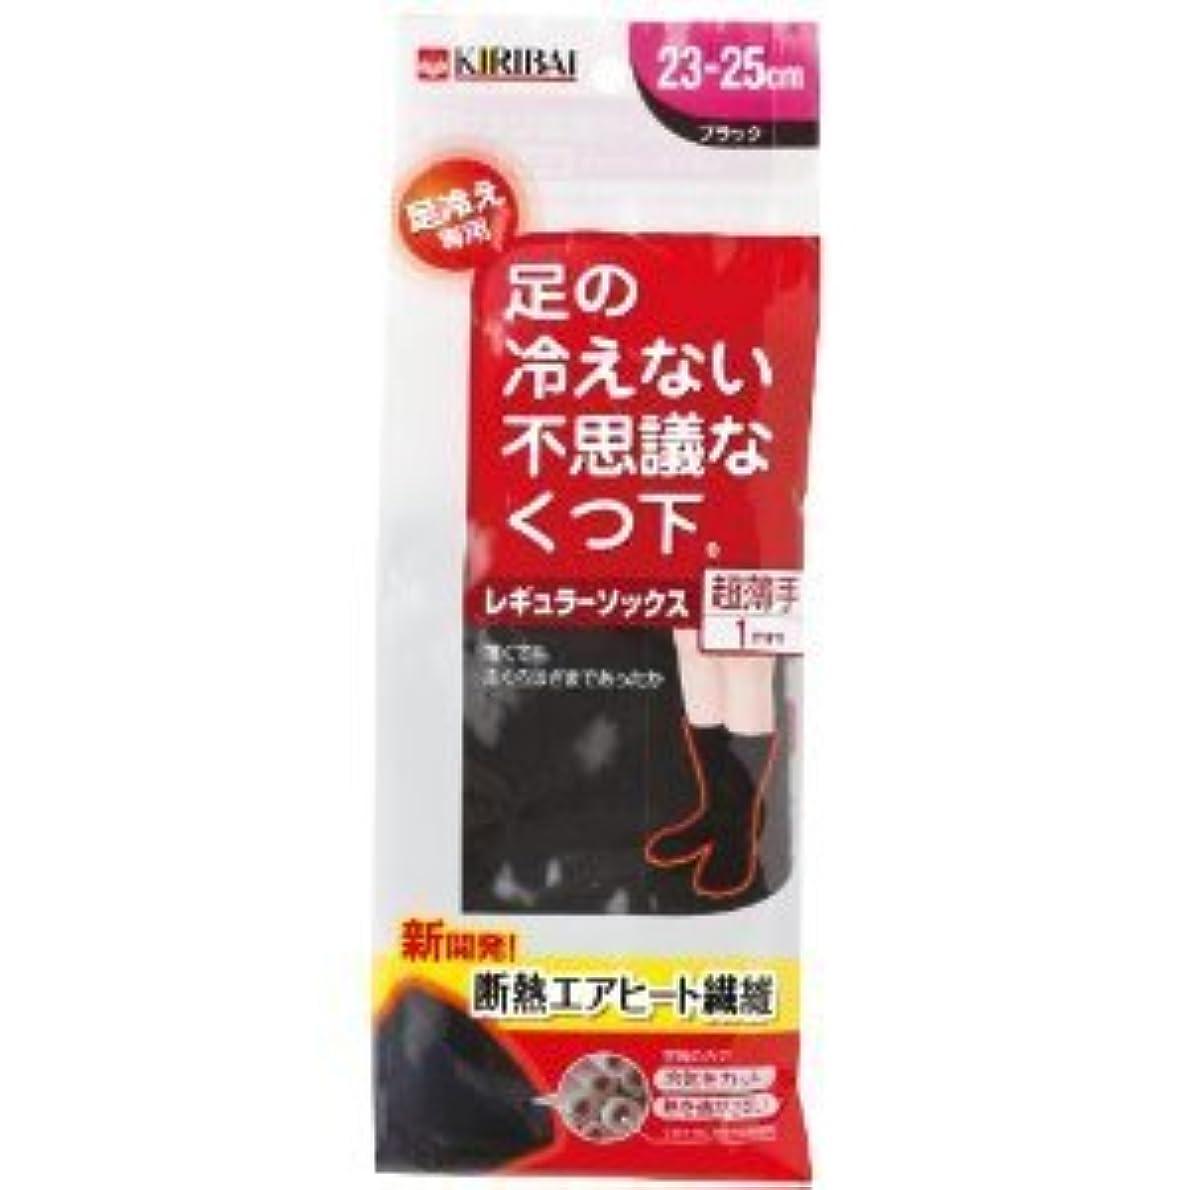 オーストラリアヒギンズ言う足の冷えない不思議なくつ下 レギュラーソックス 超薄手 ブラック 23-25cm×2個